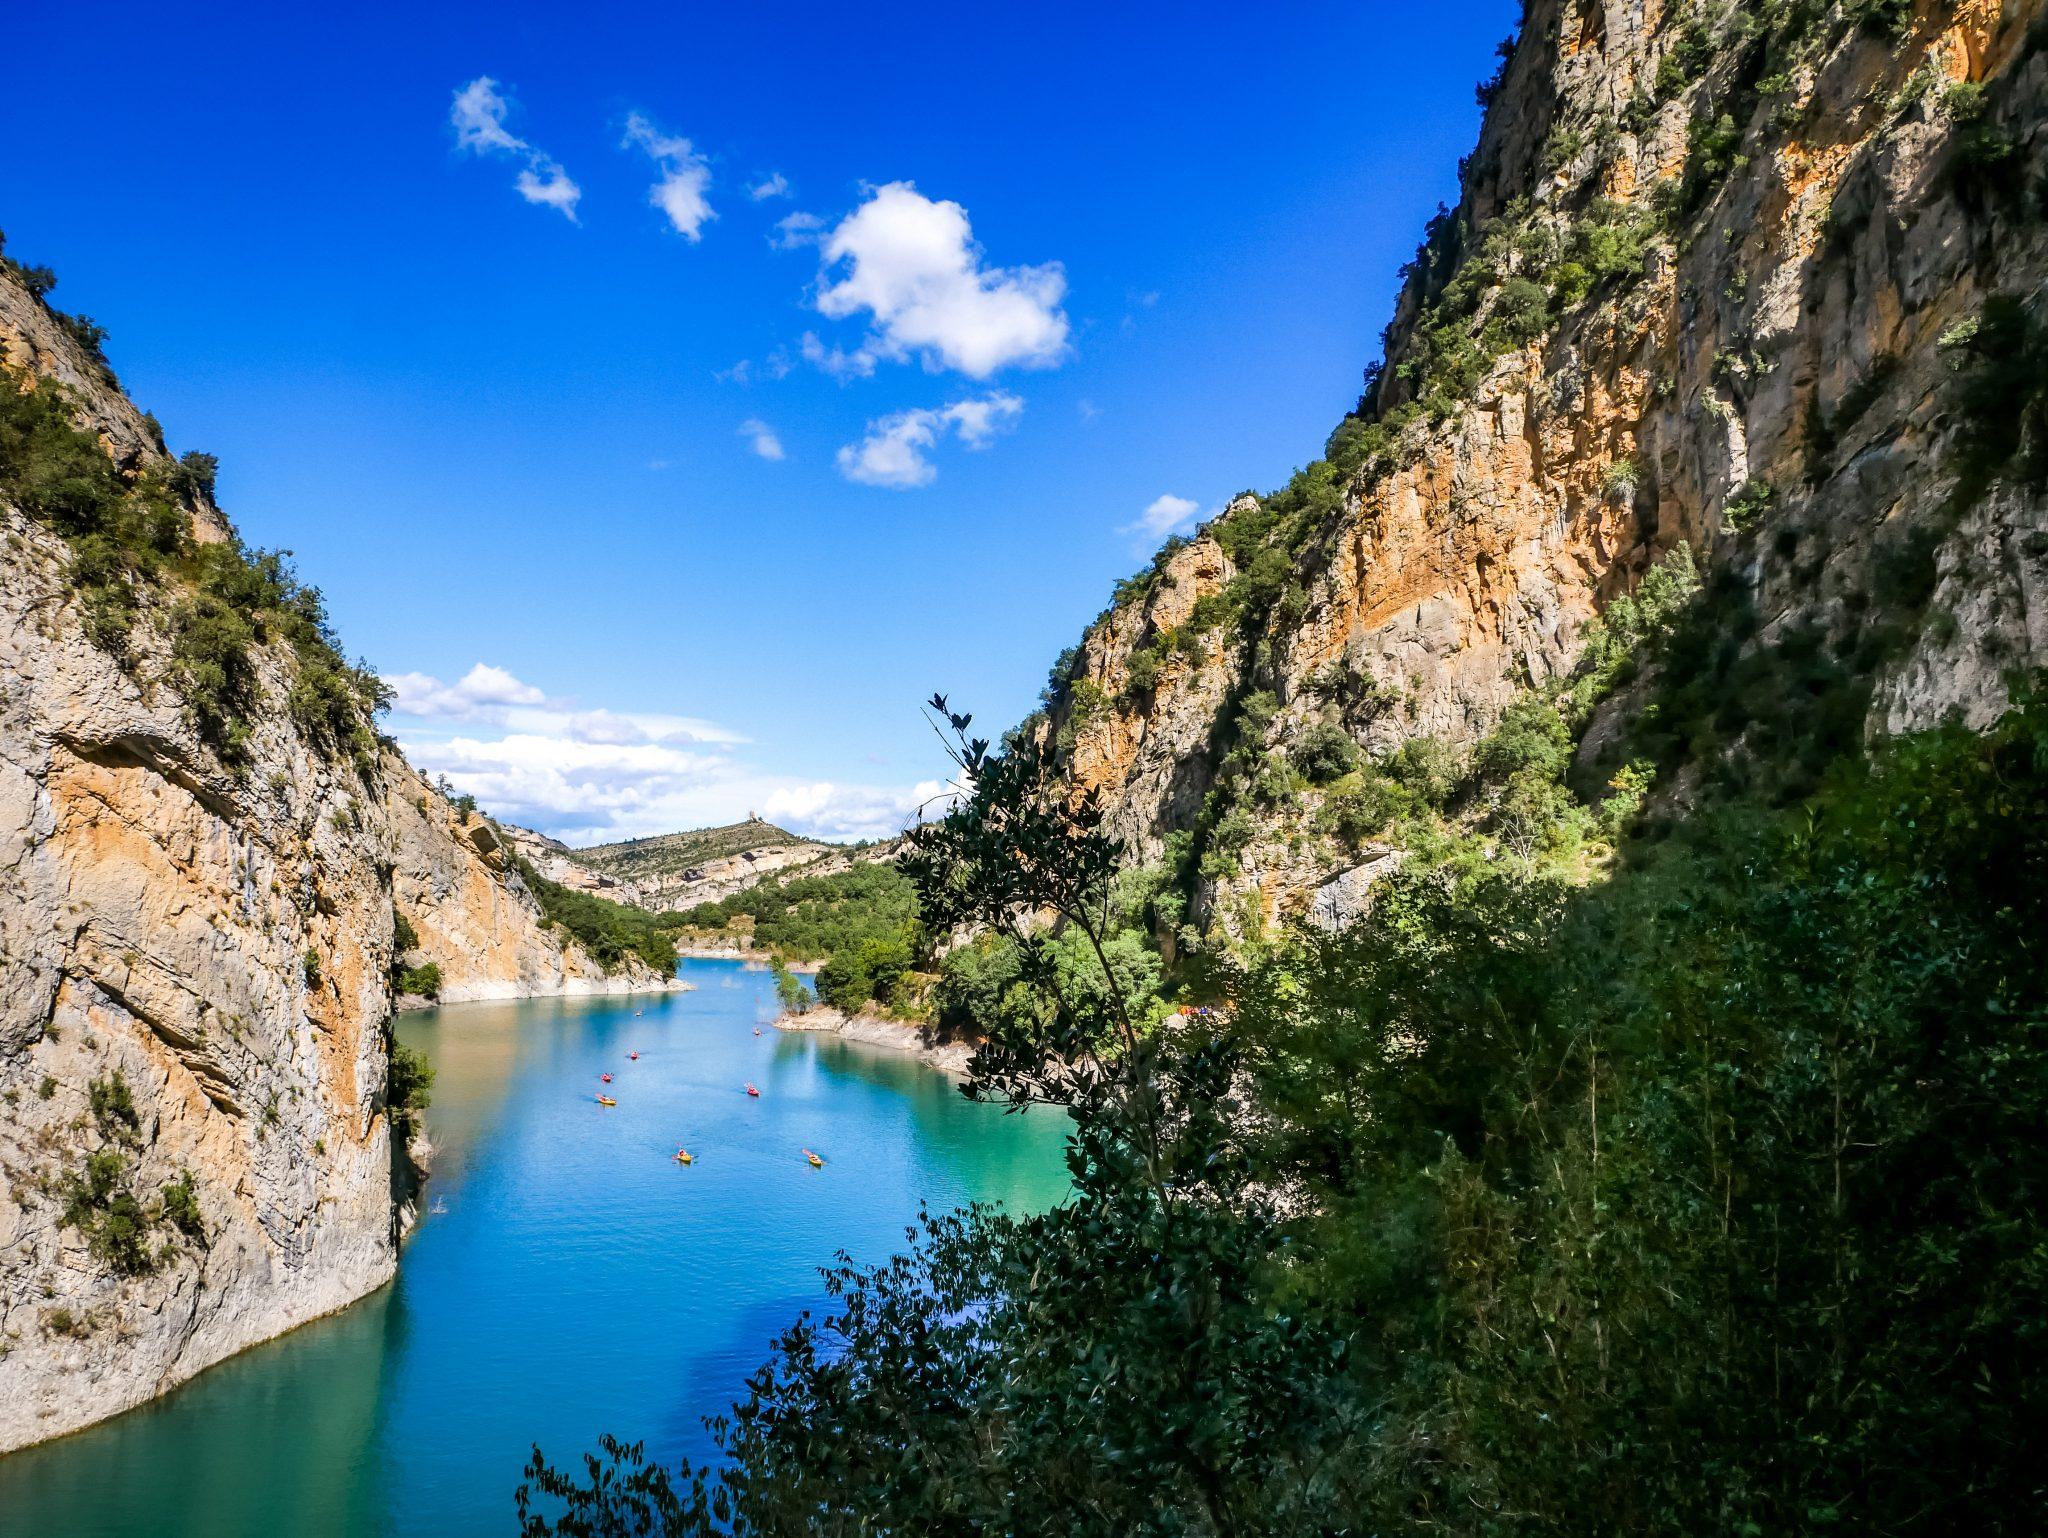 Die Schlucht von Mont Rebei ist einer der schönsten Wanderwege Spaniens. Verpasse dies nicht!